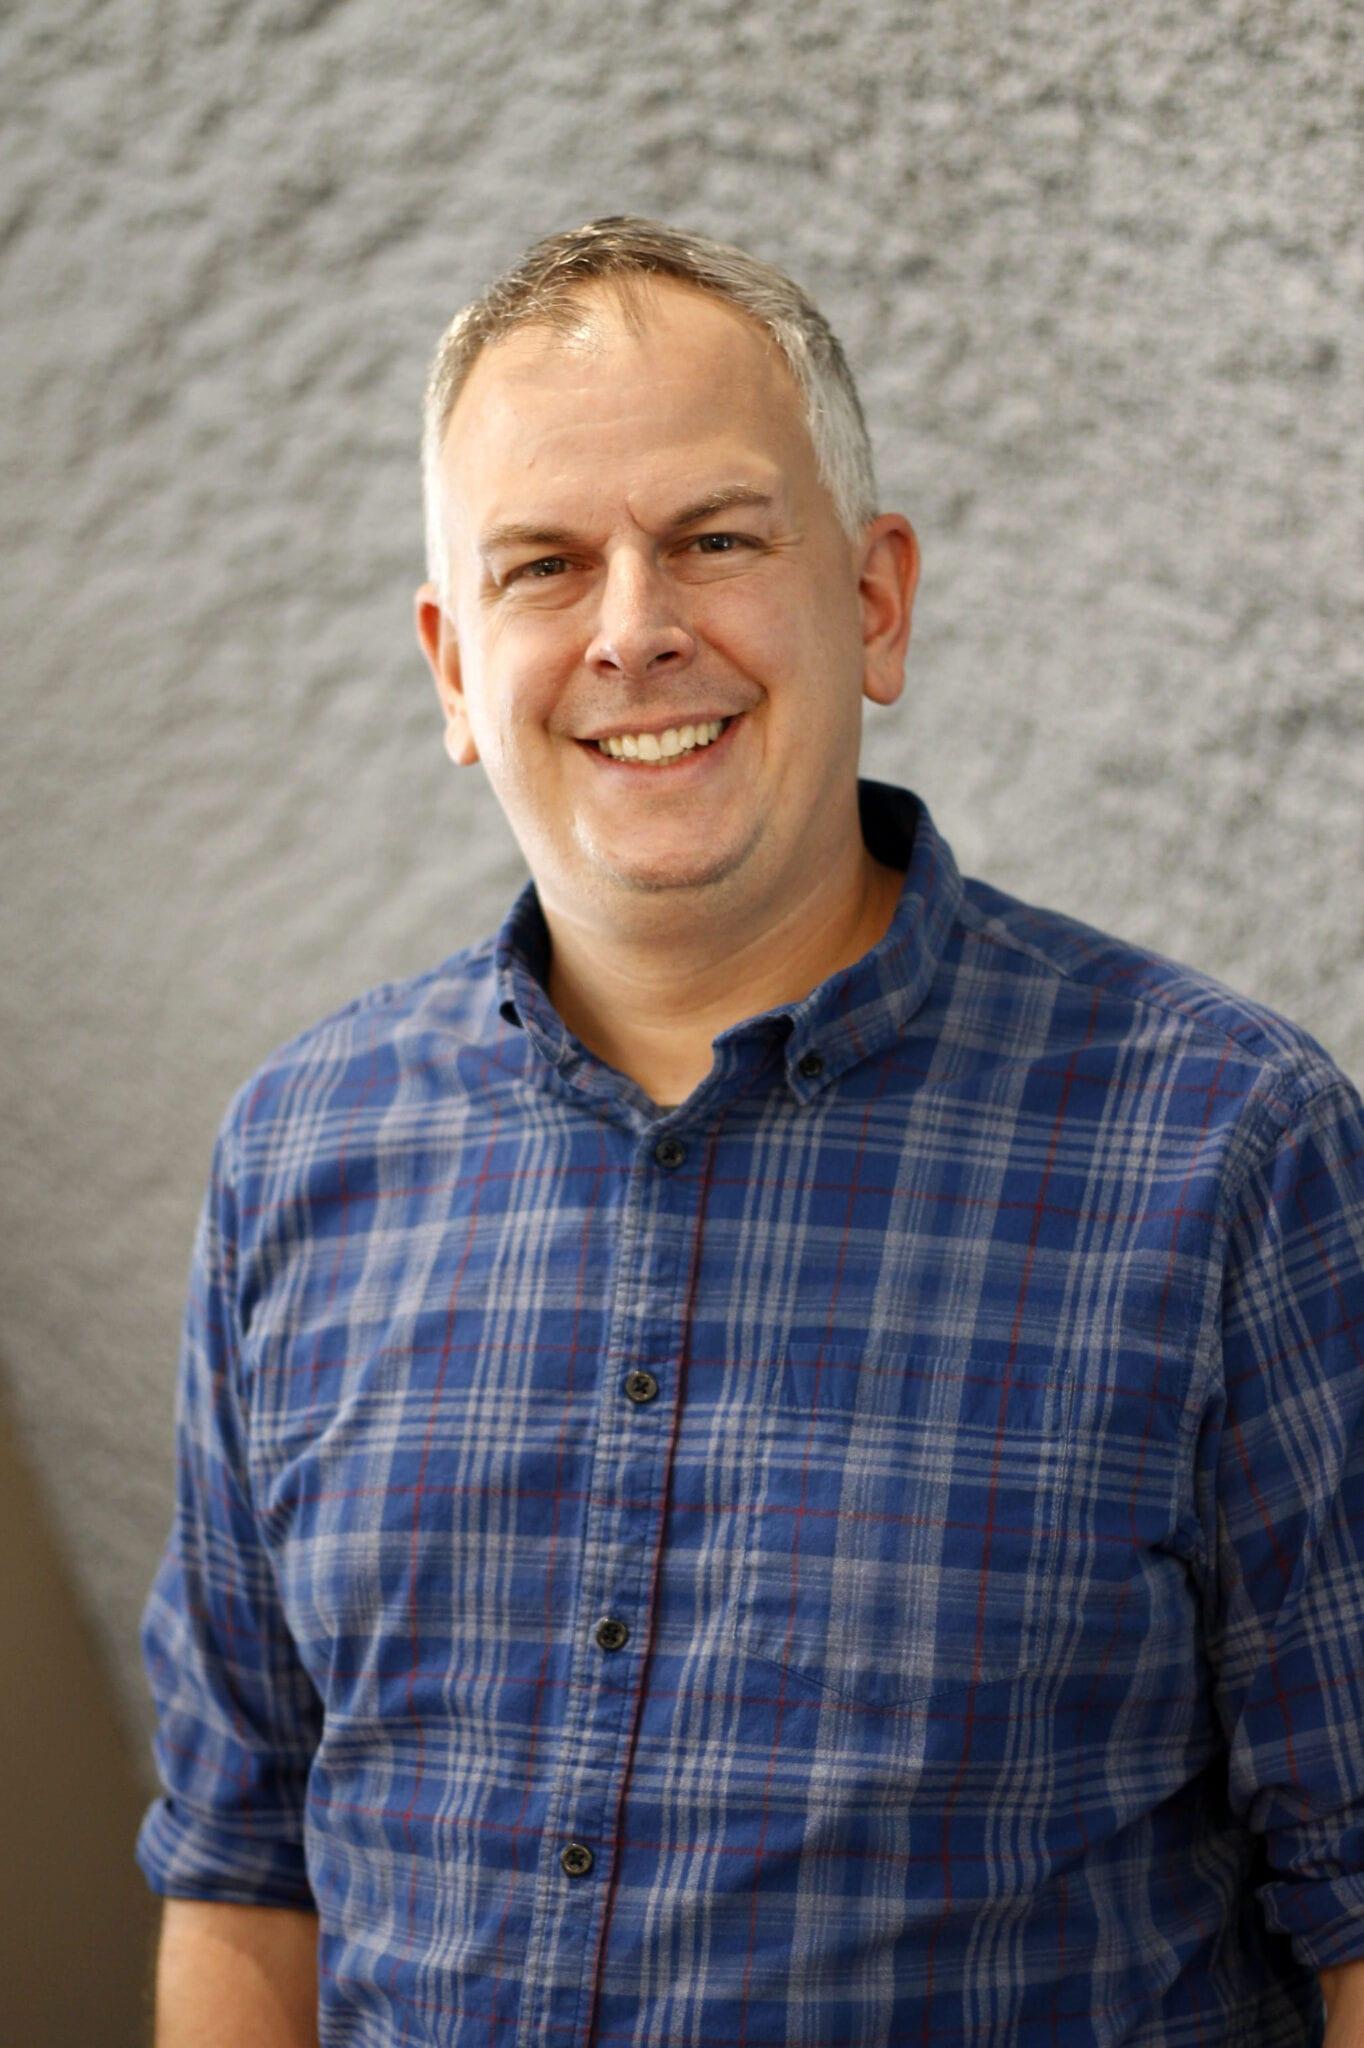 Drew Weir